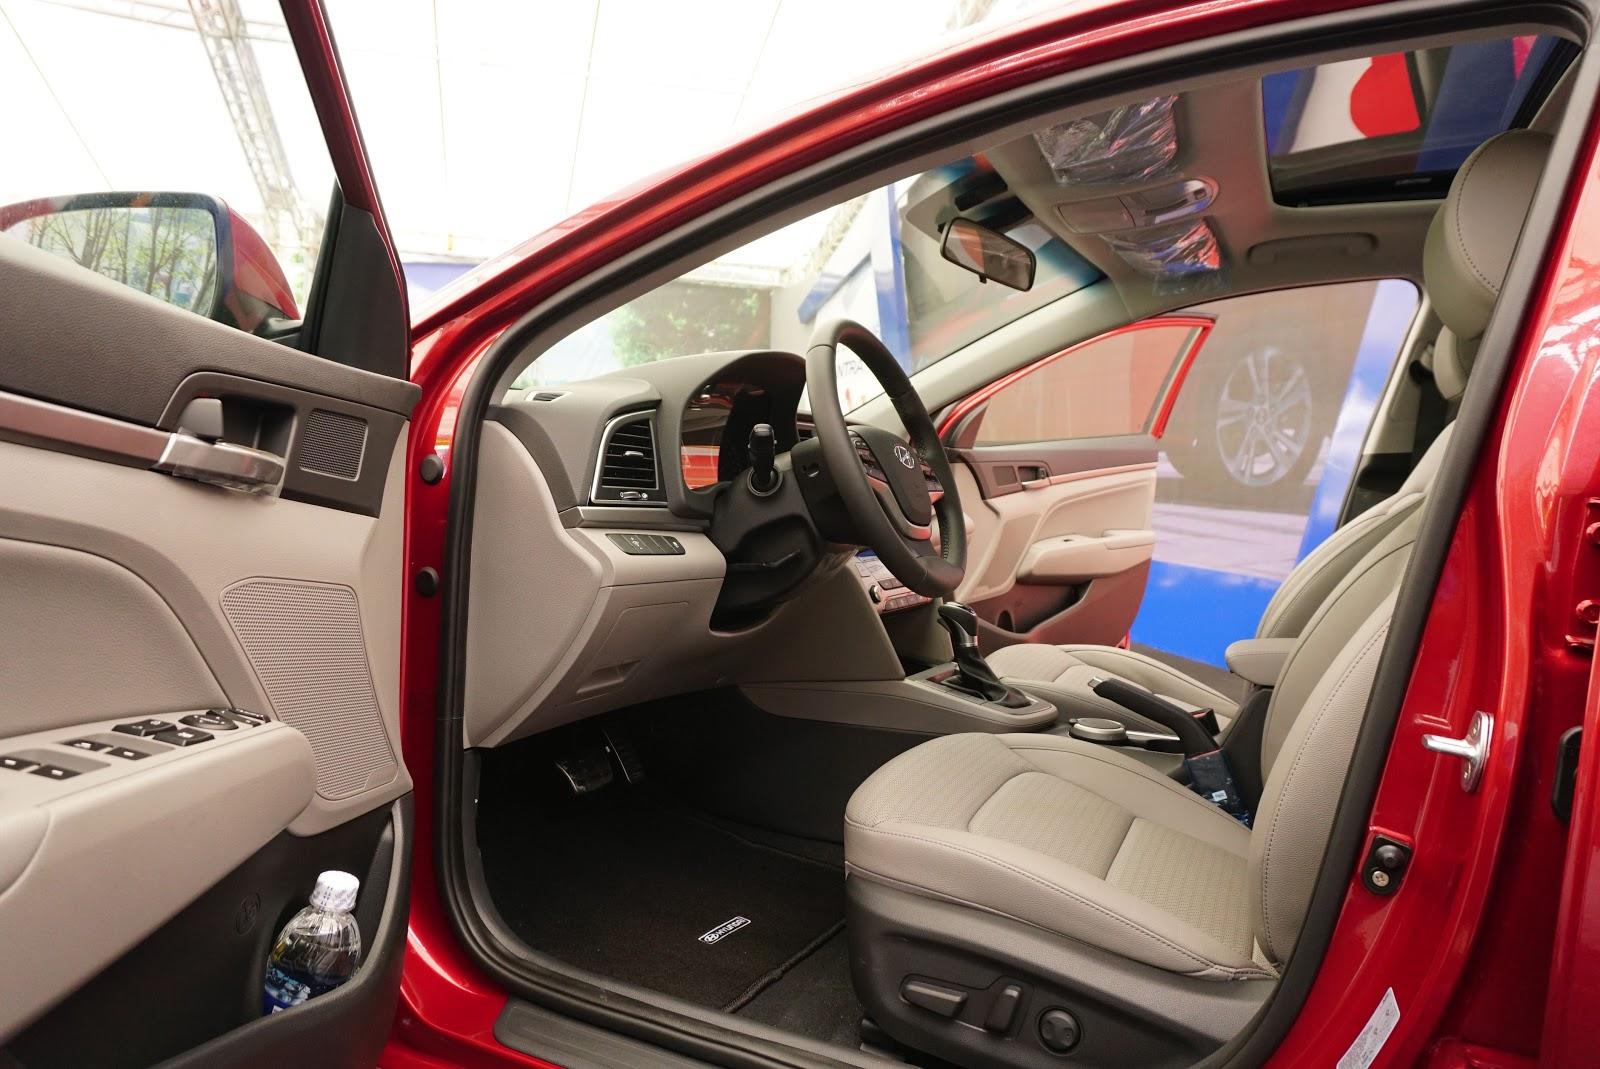 Khoang lái của Hyundai Elantra 2016, bạn có nghĩ đây là một chiếc xe bình dân?